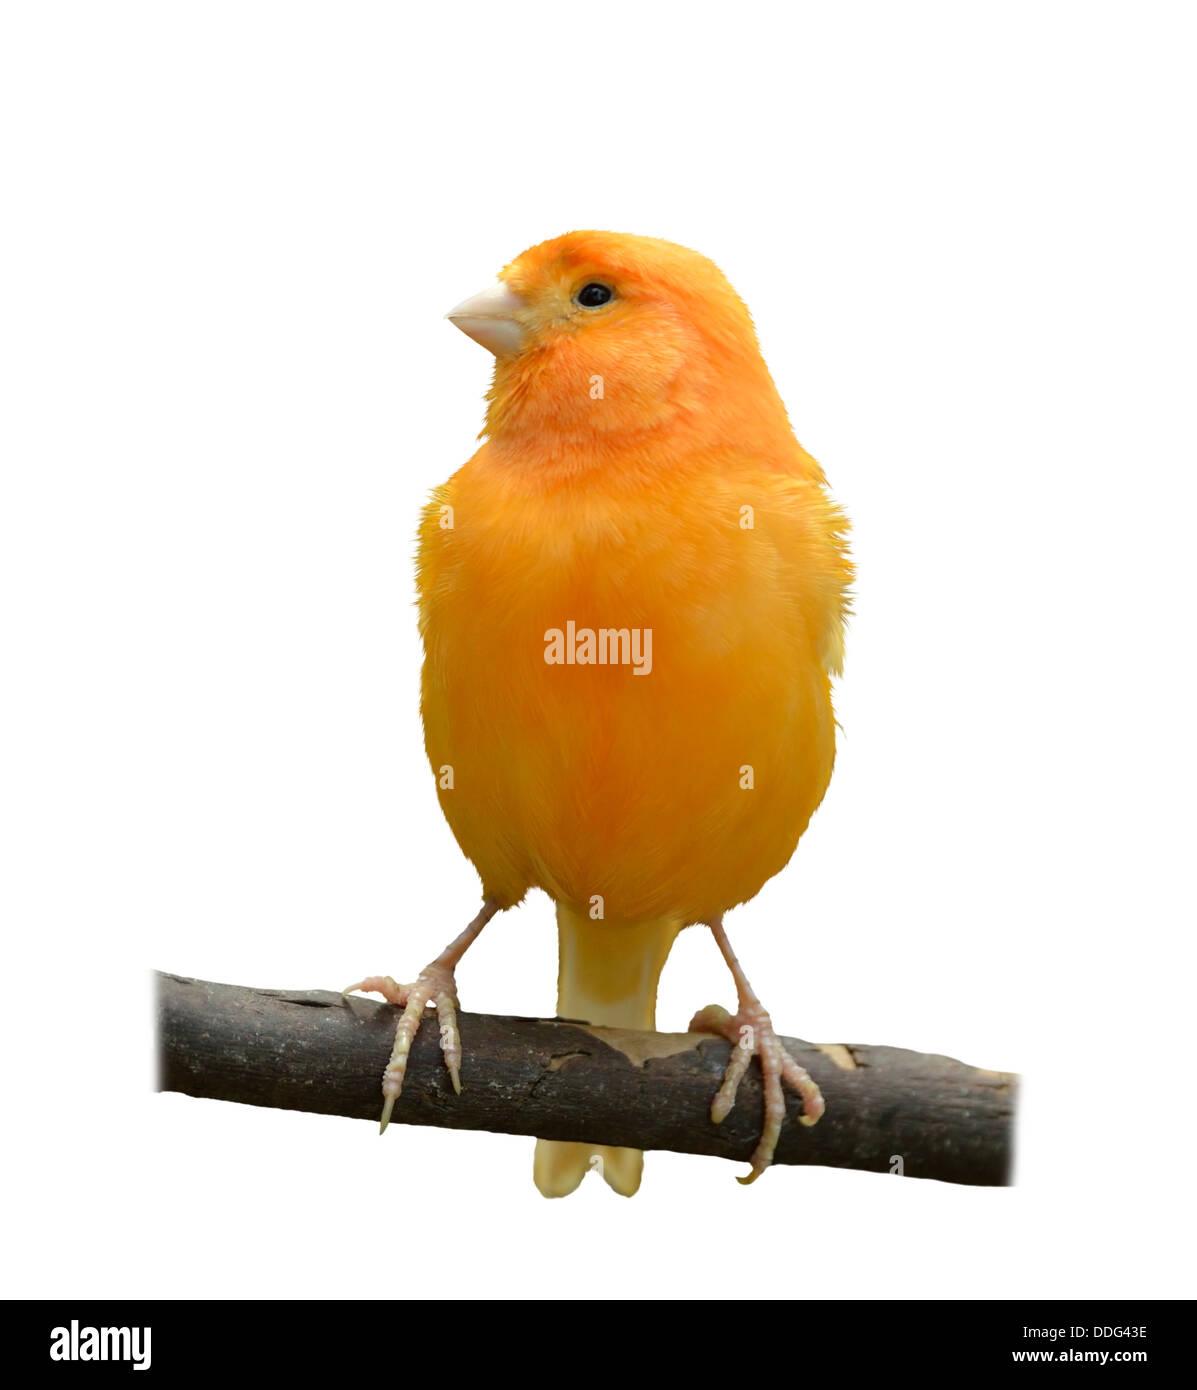 Wild Canary Isolated On White Background - Stock Image